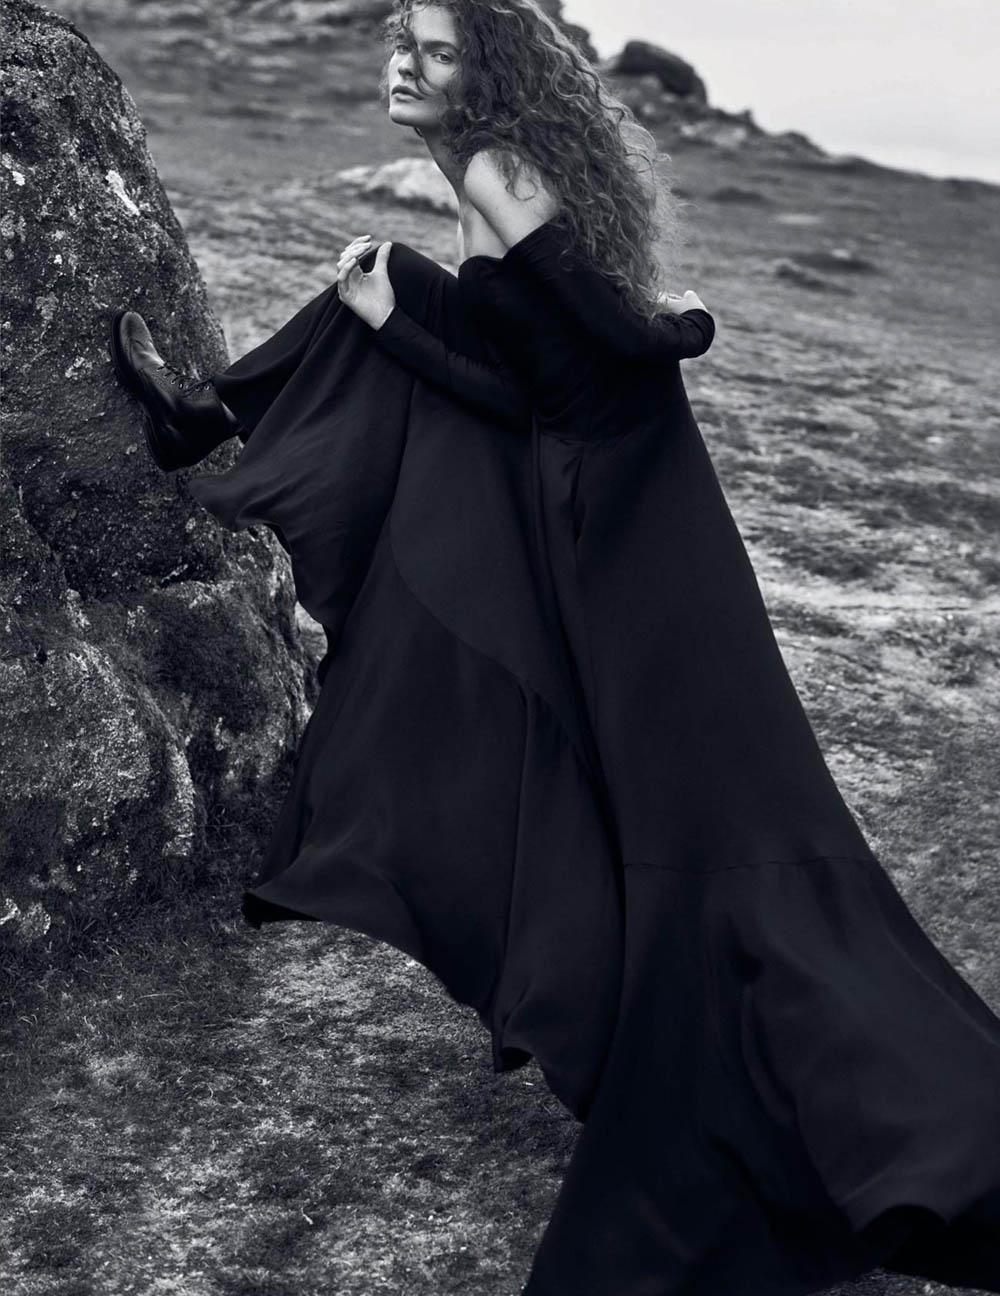 Carolina Burgin by Emma Tempest for Vogue Spain October 2019